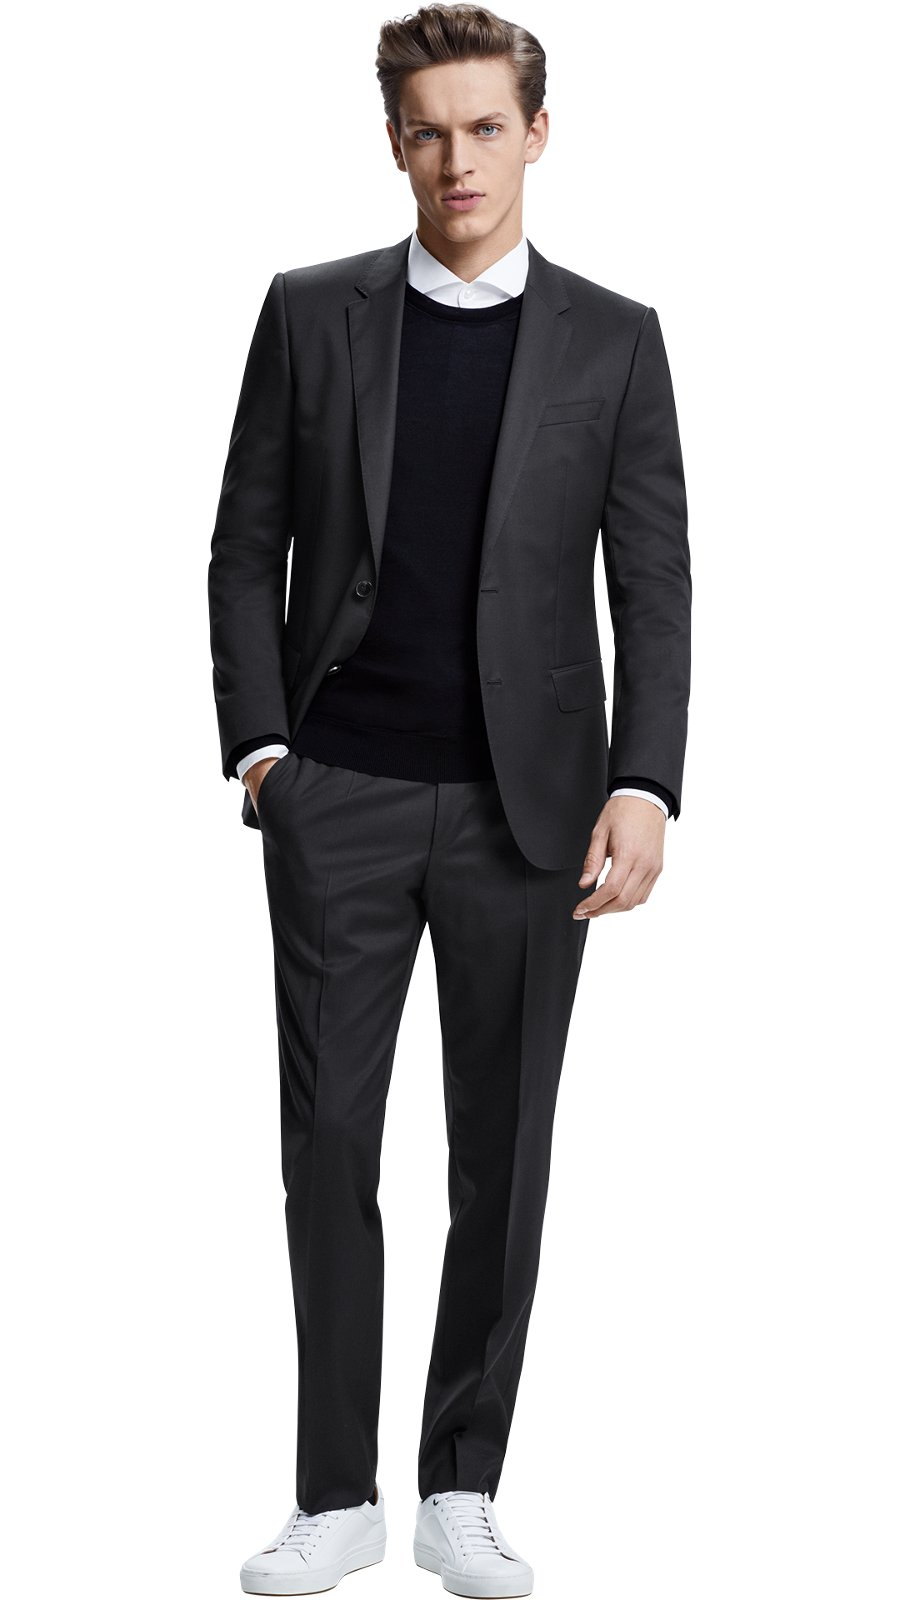 Boss Costumes Tailles Et Coupes Vestes Et Pantalons